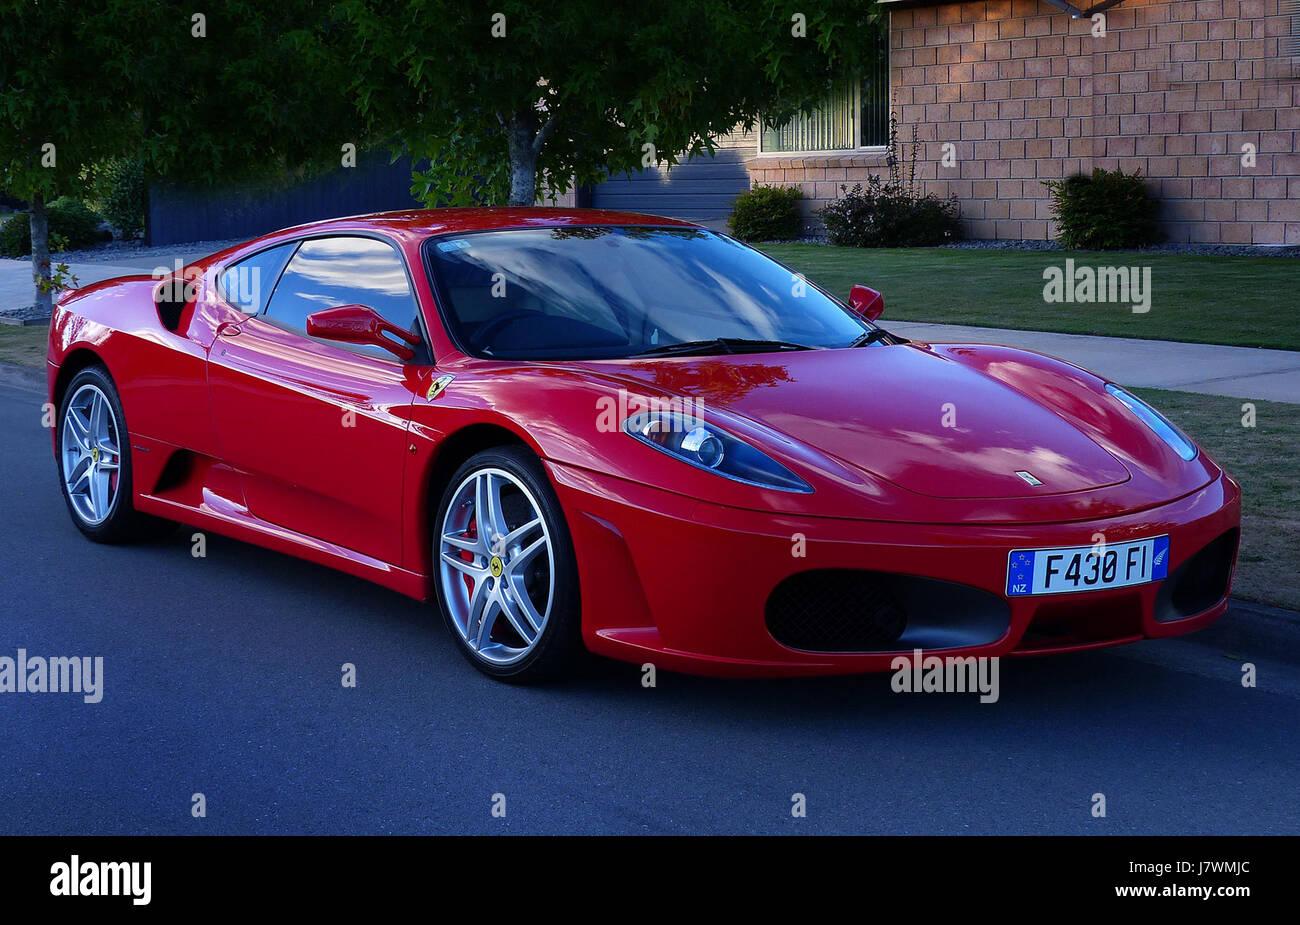 2006 Ferrari F430 F1 Stockfotos Und Bilder Kaufen Alamy